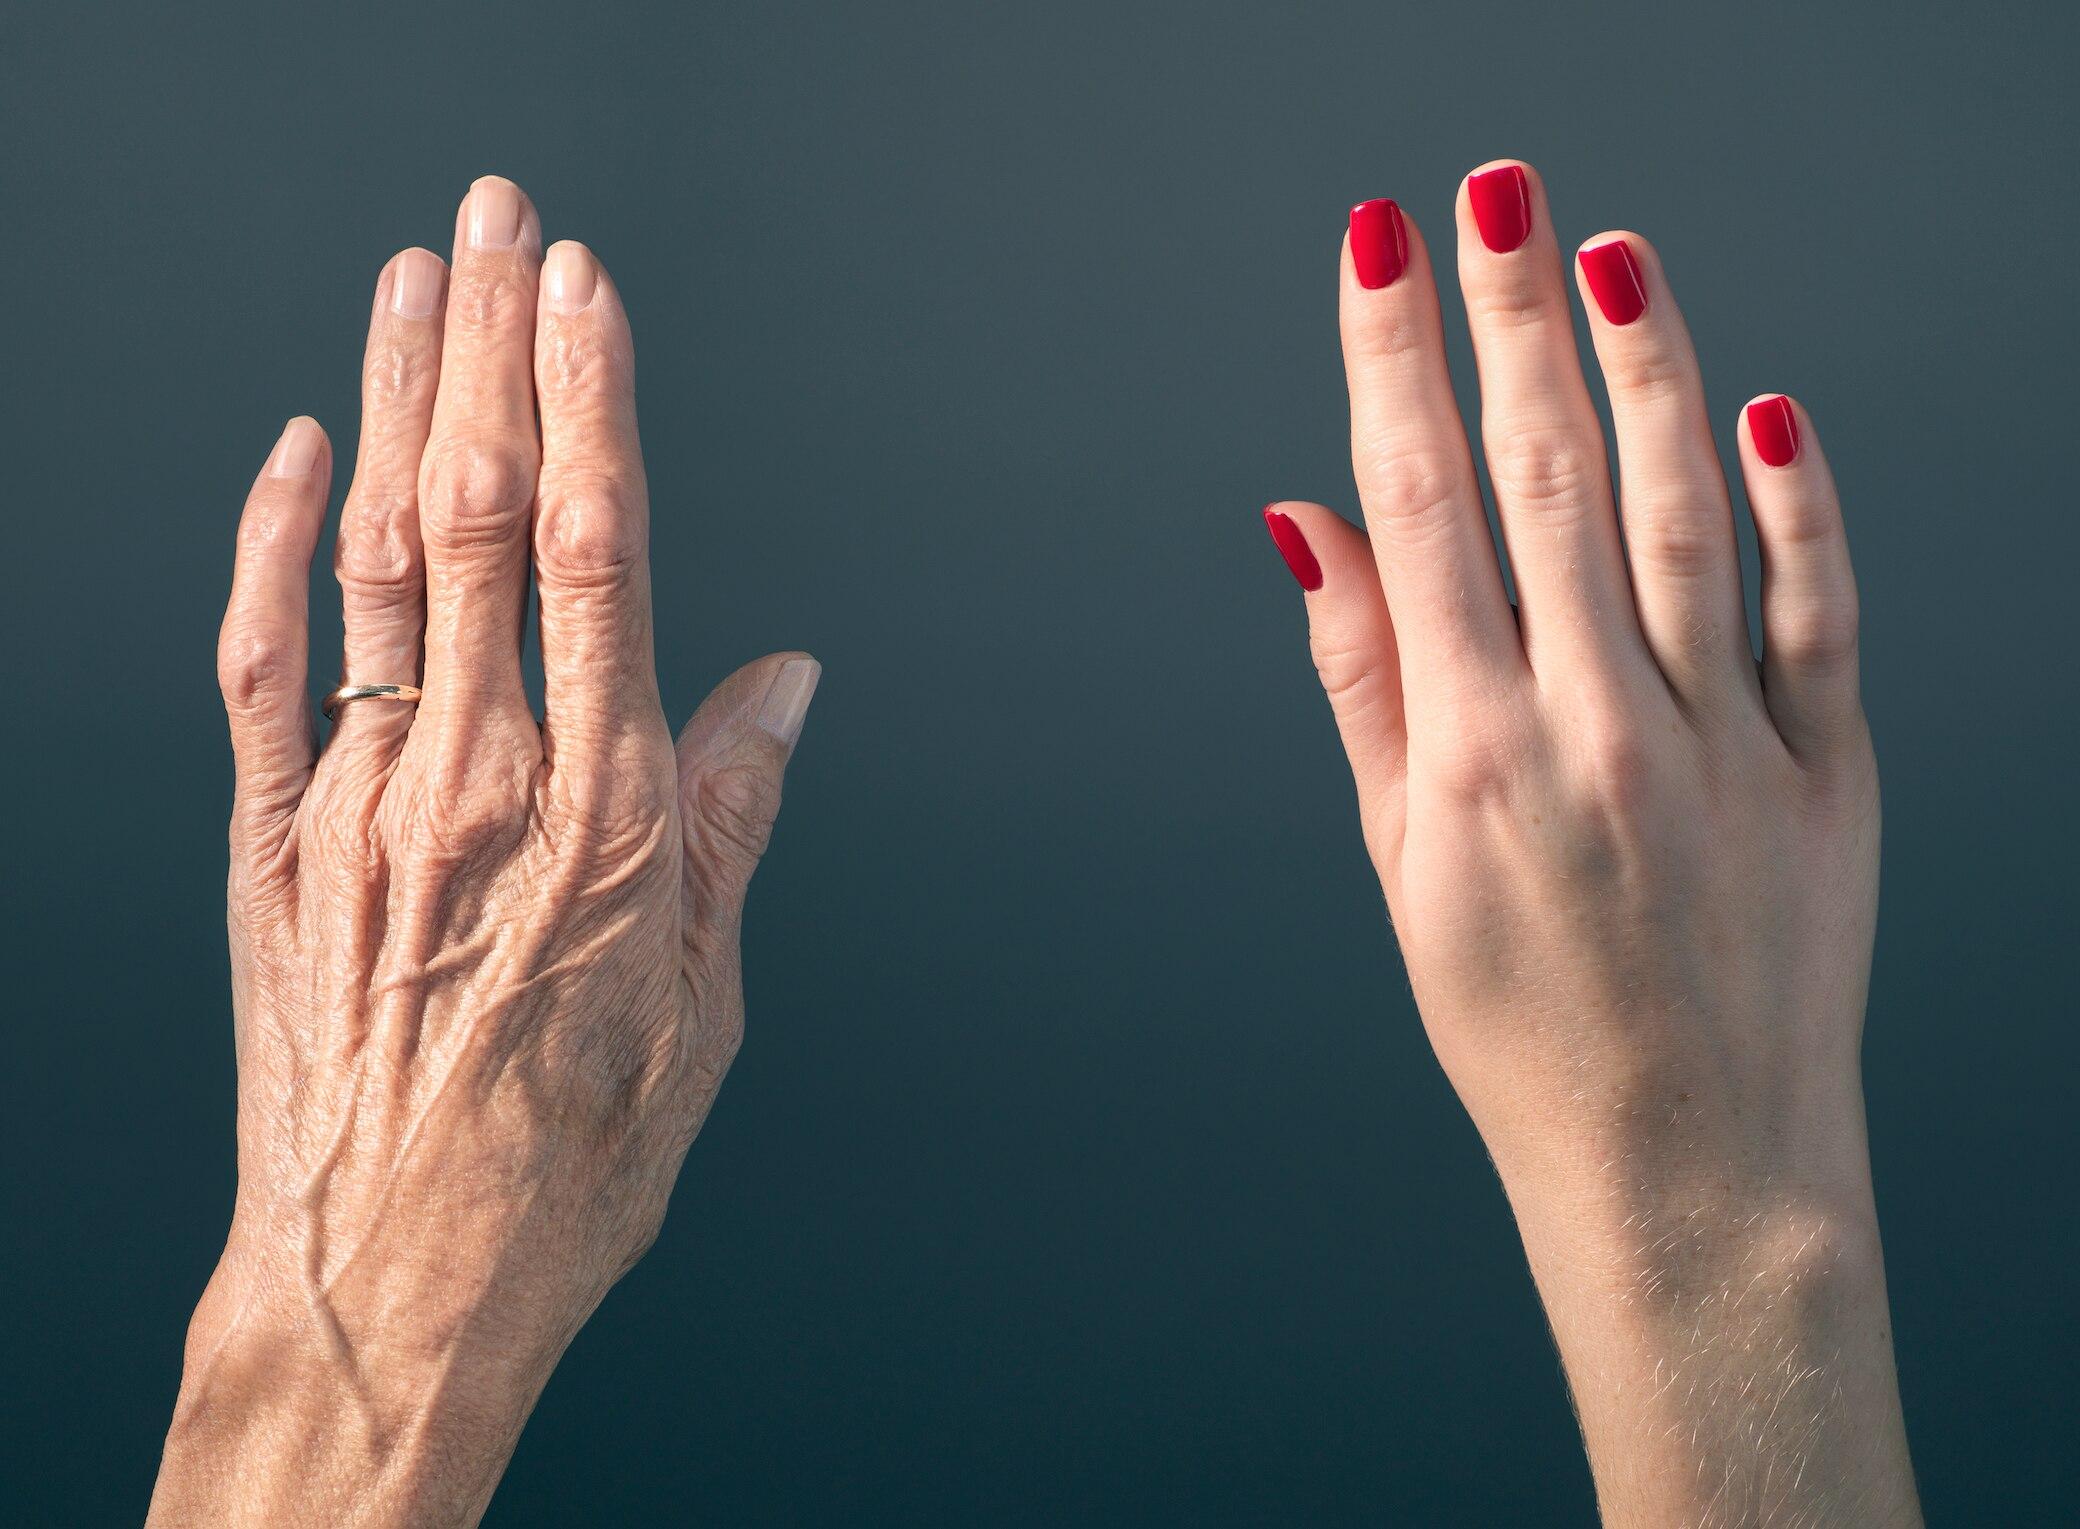 10 Anti-Aging-Tipps, mit denen Hände langsamer altern - STYLEBOOK